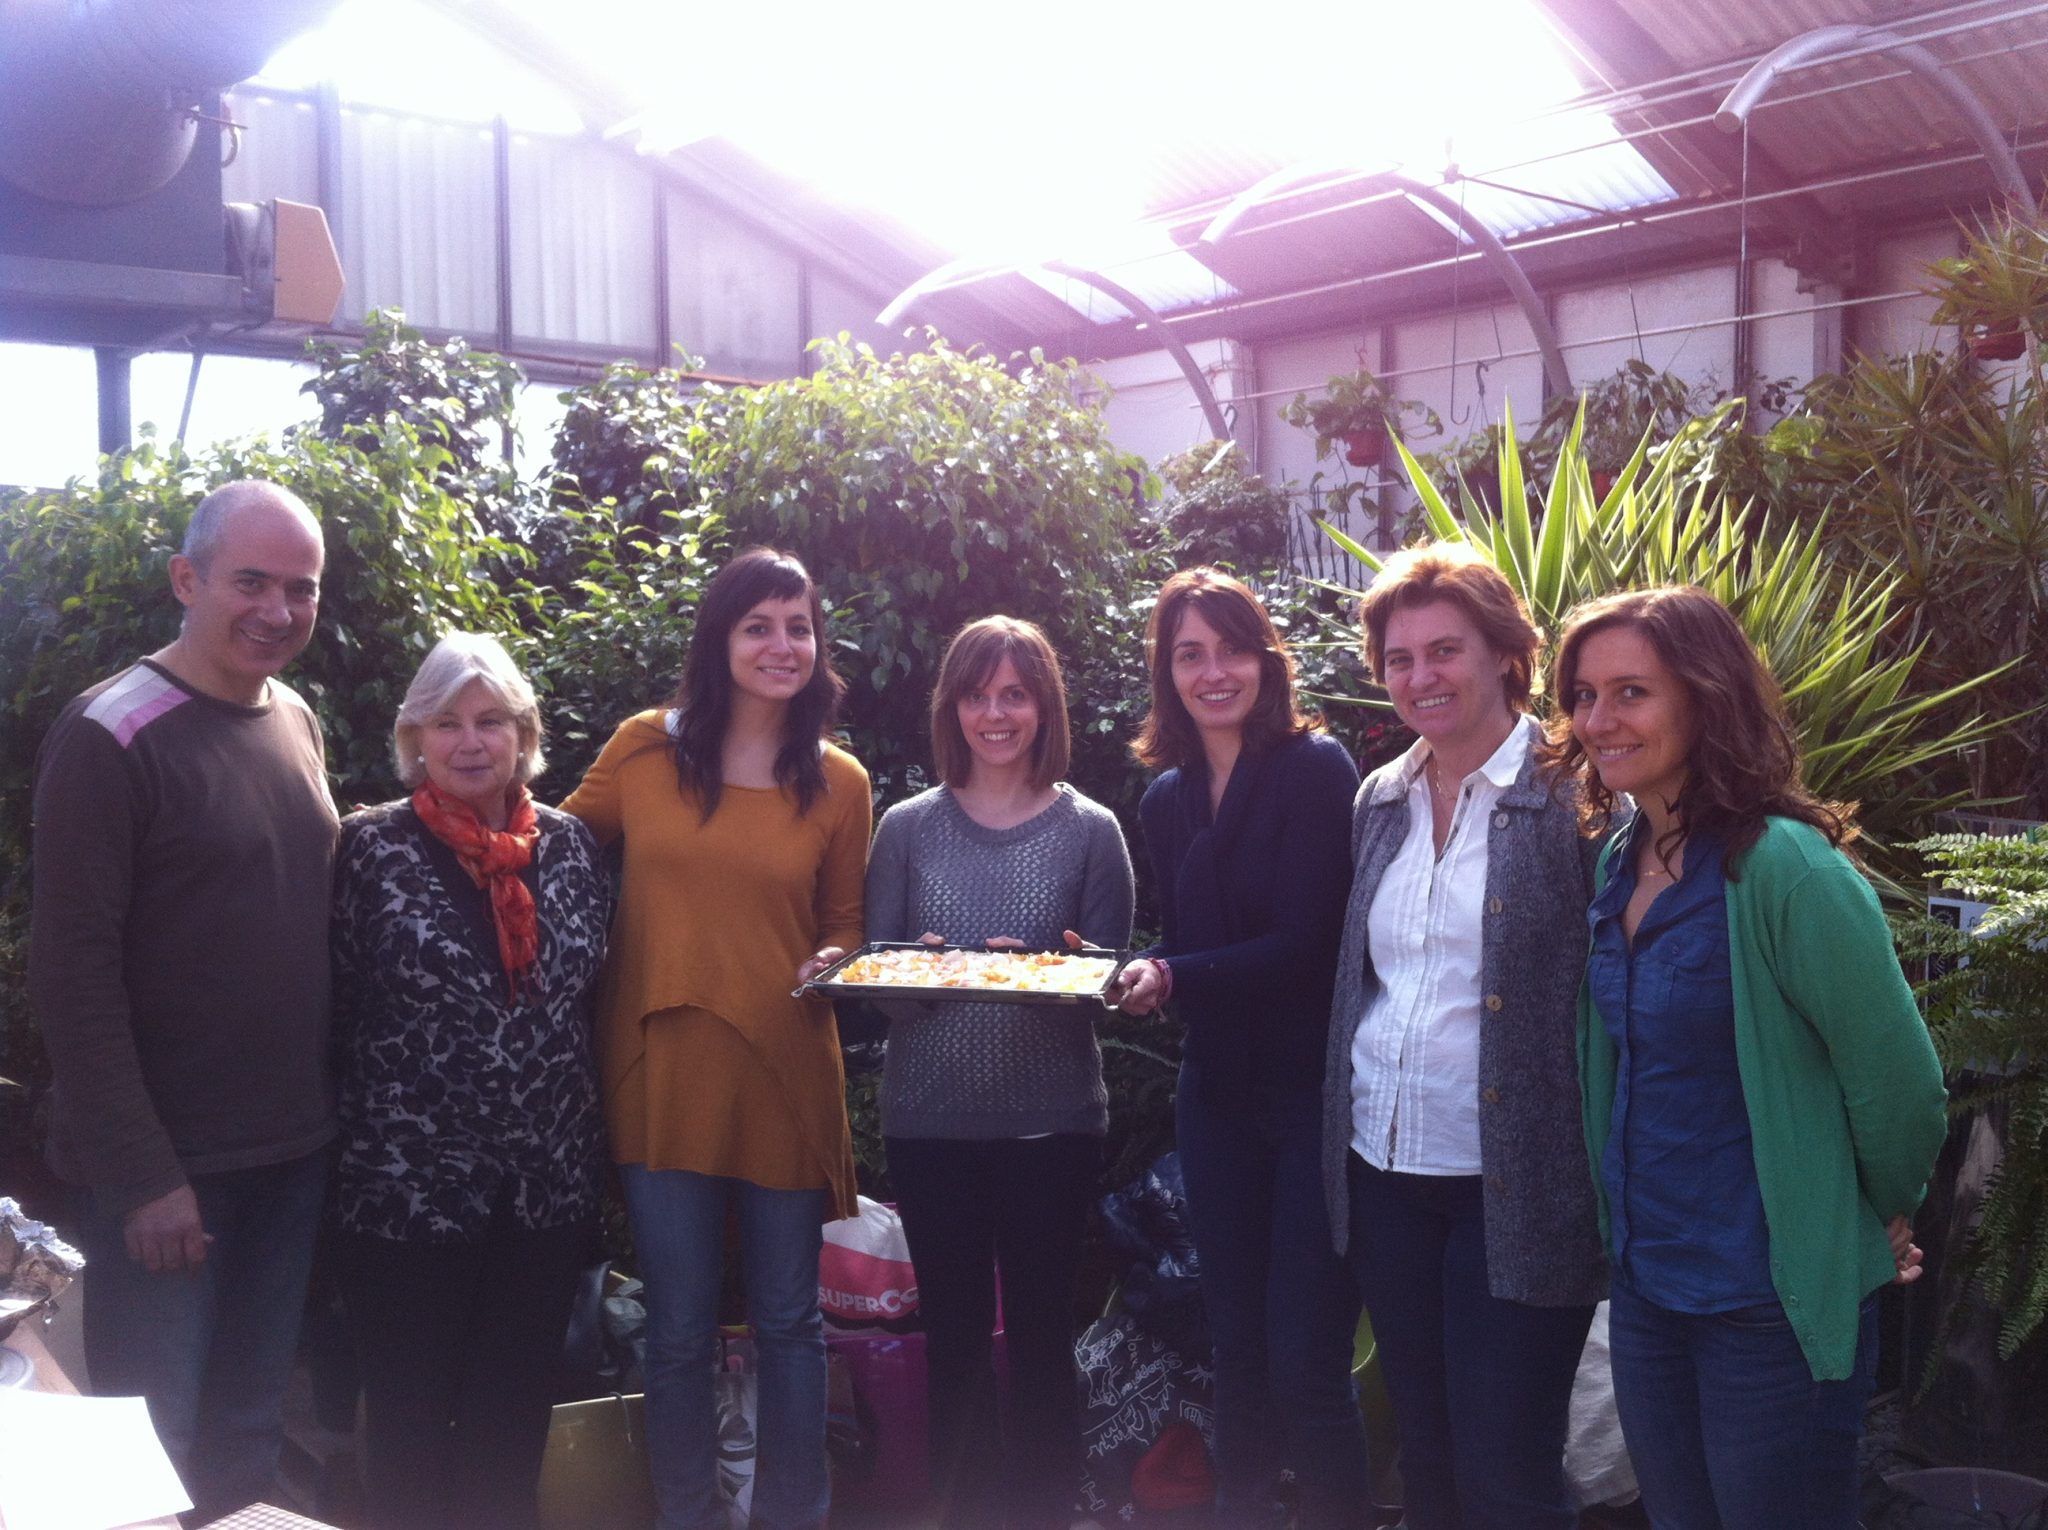 Conillas_garden_center_taller_de_cuina-23